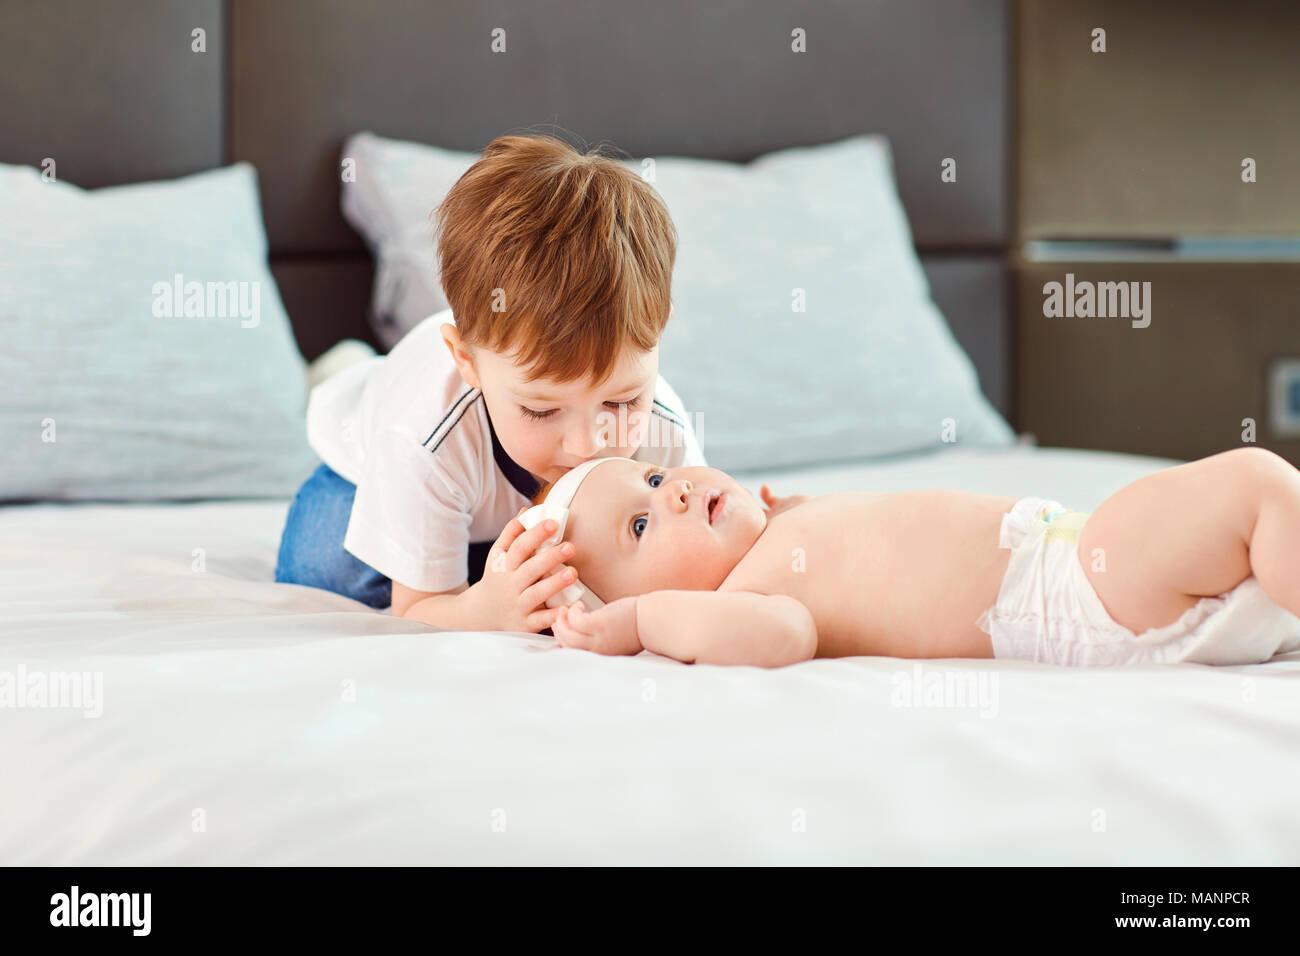 Ein kleiner Junge, der mit seiner kleinen Schwester Umarmungen und Küsse auf dem Bett. Stockbild